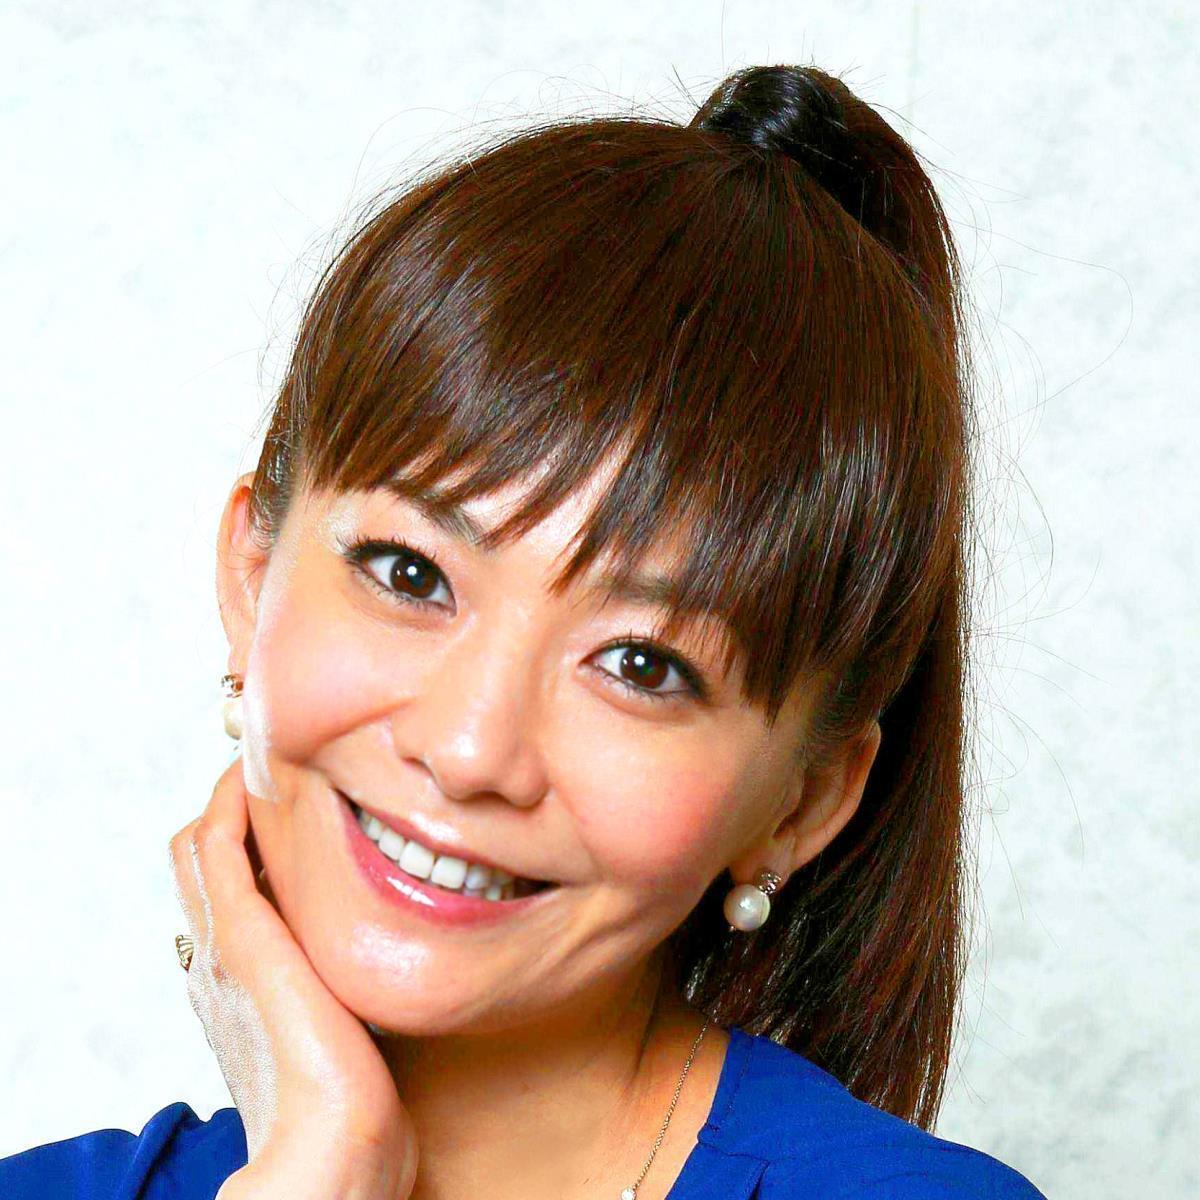 華原朋美、1か月半ぶりにインスタ更新 ファンから安心の声「元気そうで何より」 - エキサイトニュース